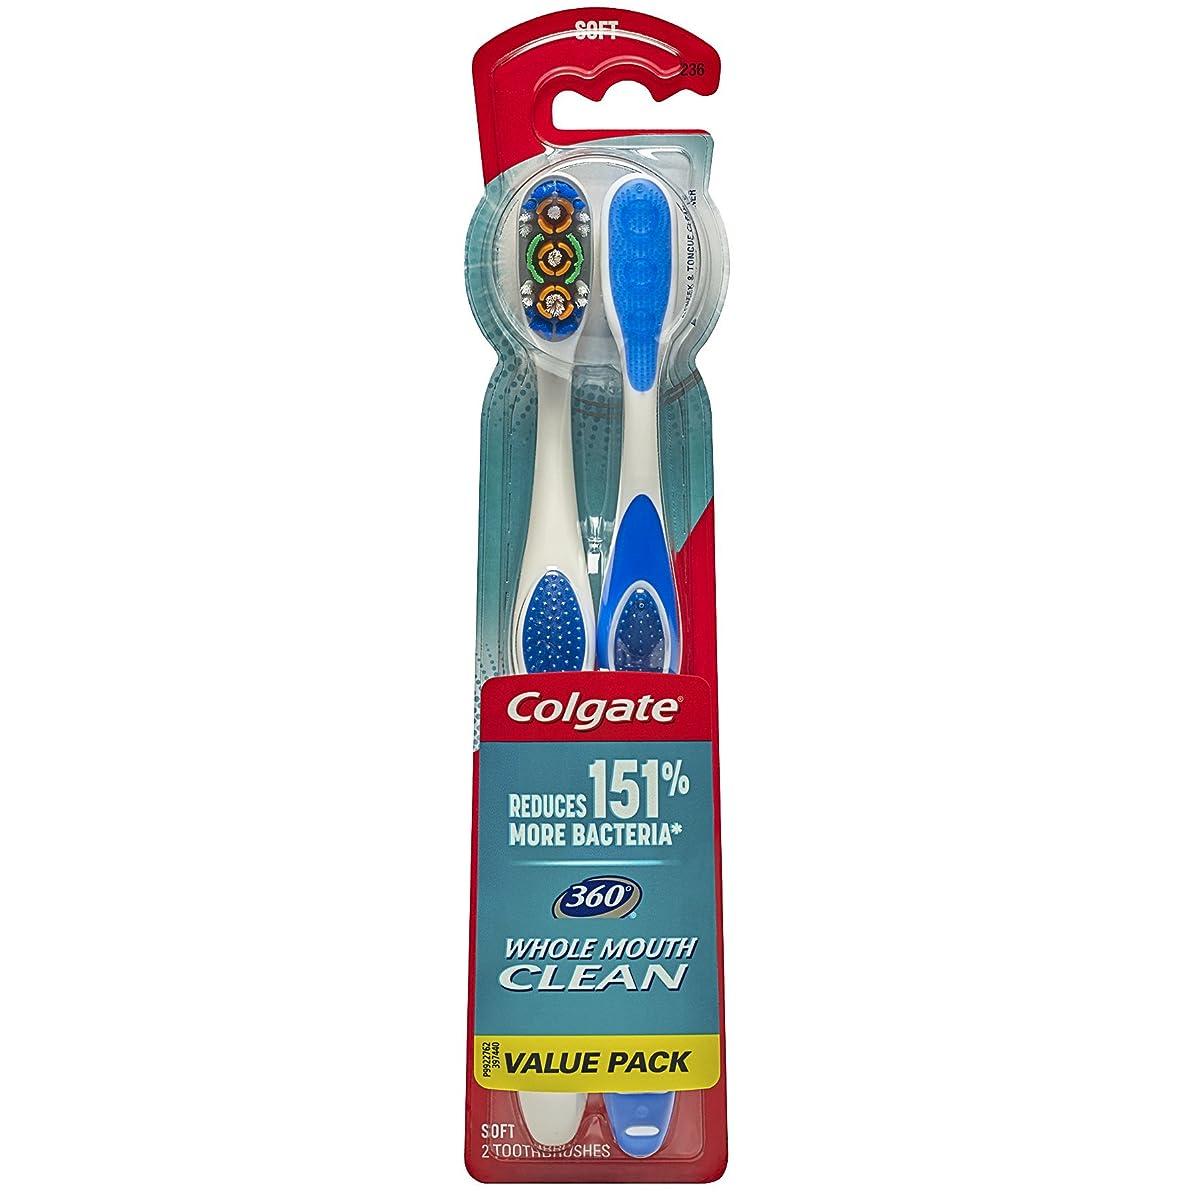 試してみる凝縮する誠実Colgate 360大人の完全な頭部柔らかい歯ブラシ、ツインパック